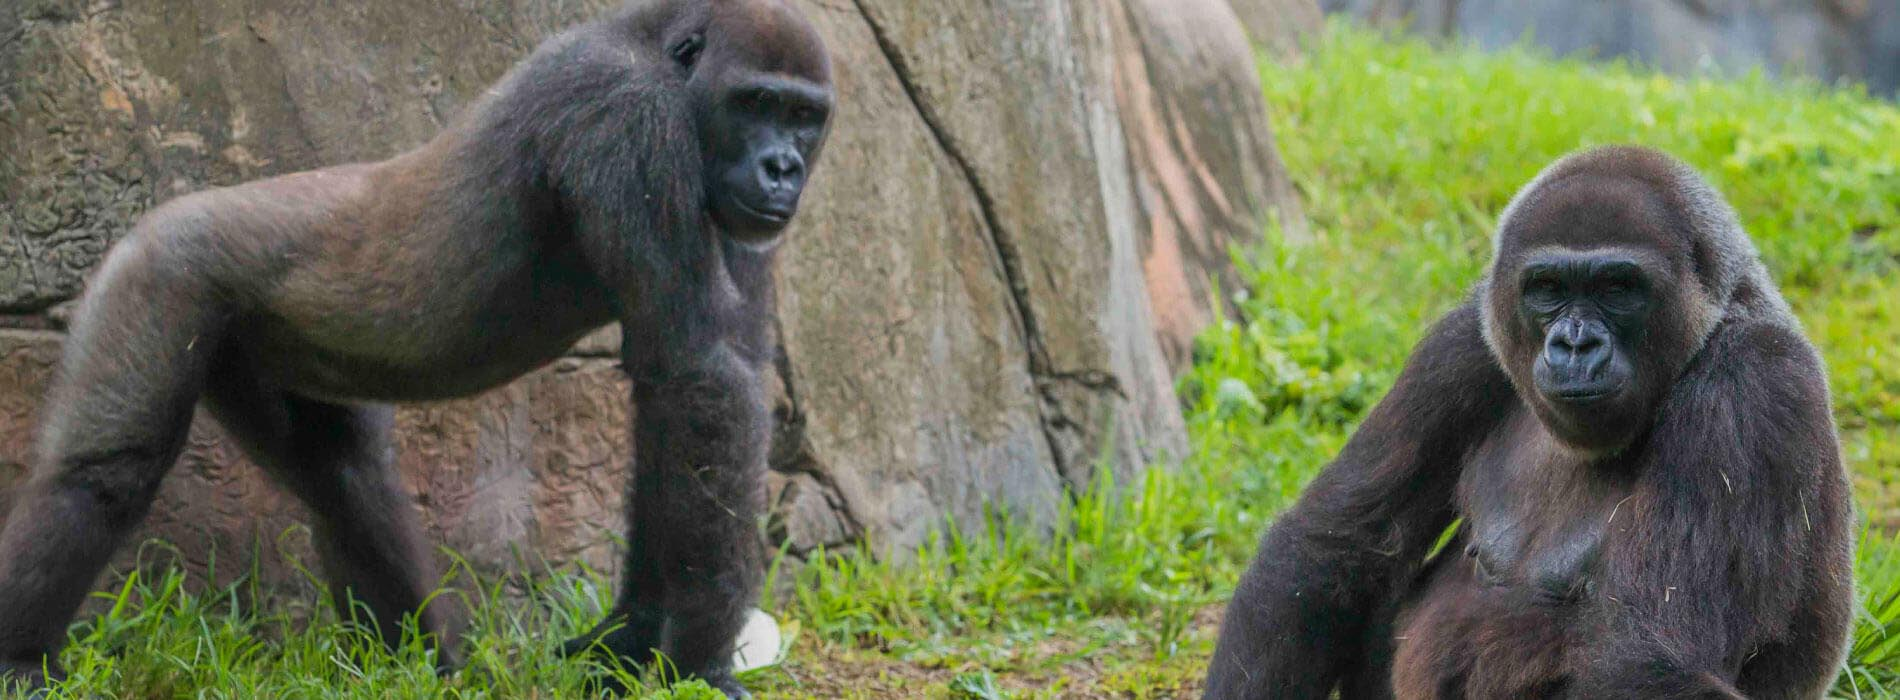 二旁观的大猩猩